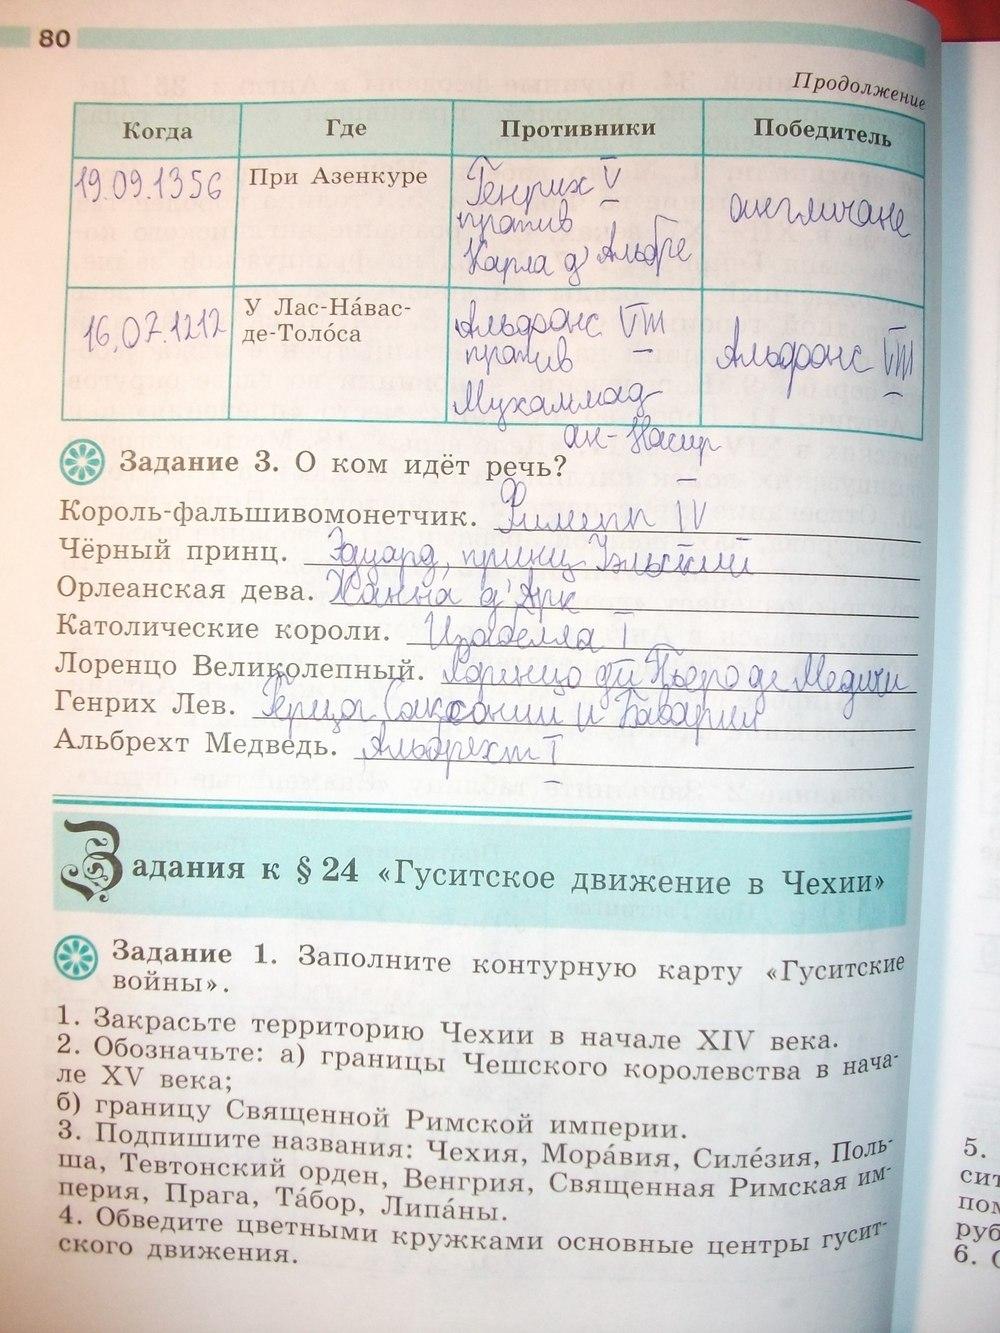 тетрадь россии история истории гдз по 6 рабочая клаас